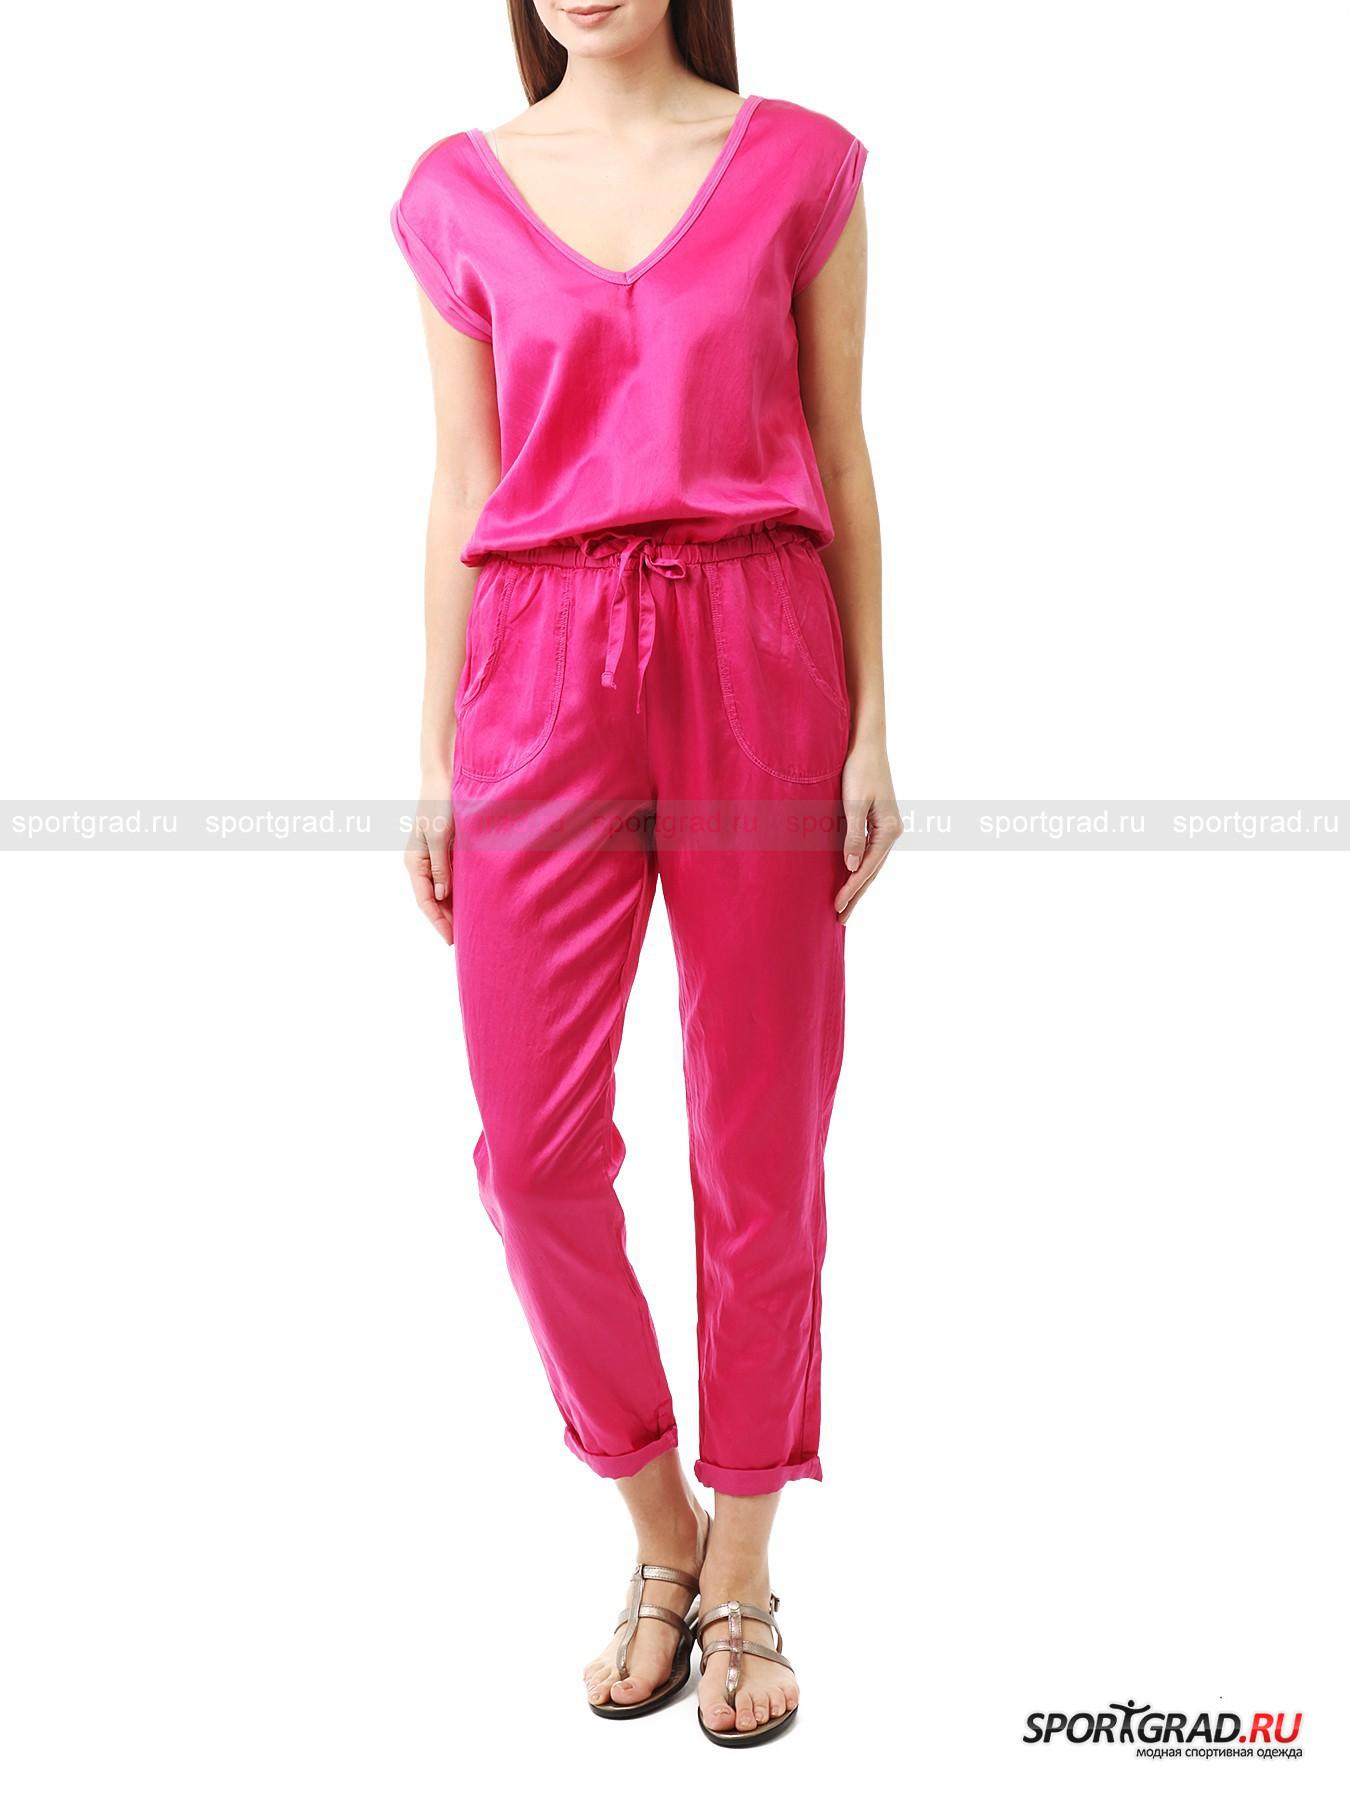 Женская Одежда Комбинезоны Доставка